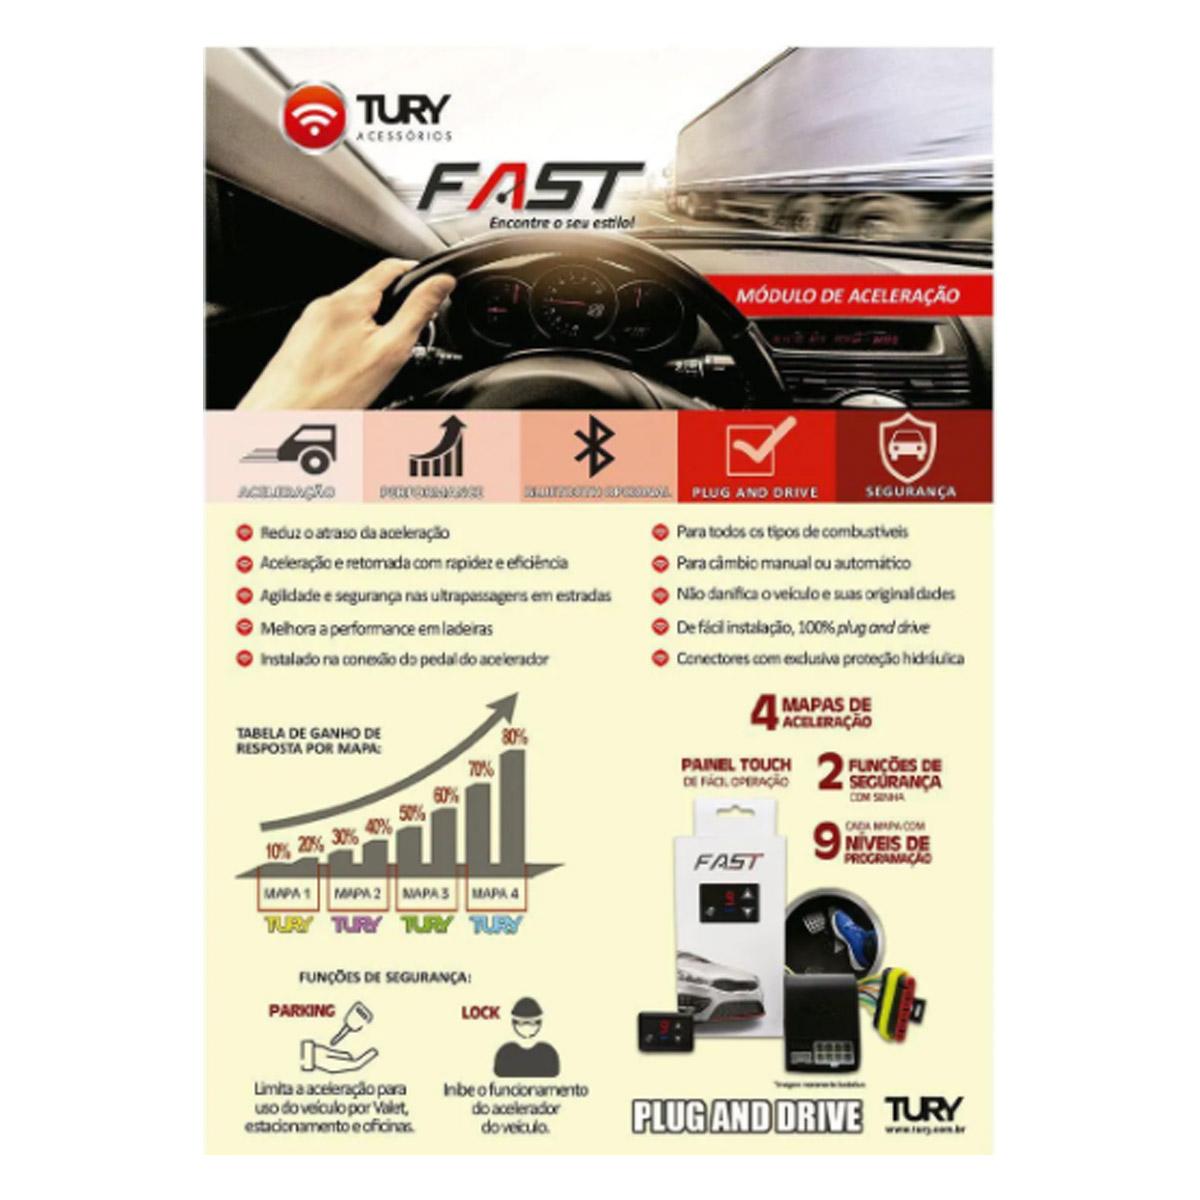 Chip Acelerador Eletrônico com Bluetooth Pedal Delay Tury Fast FAST2.0T